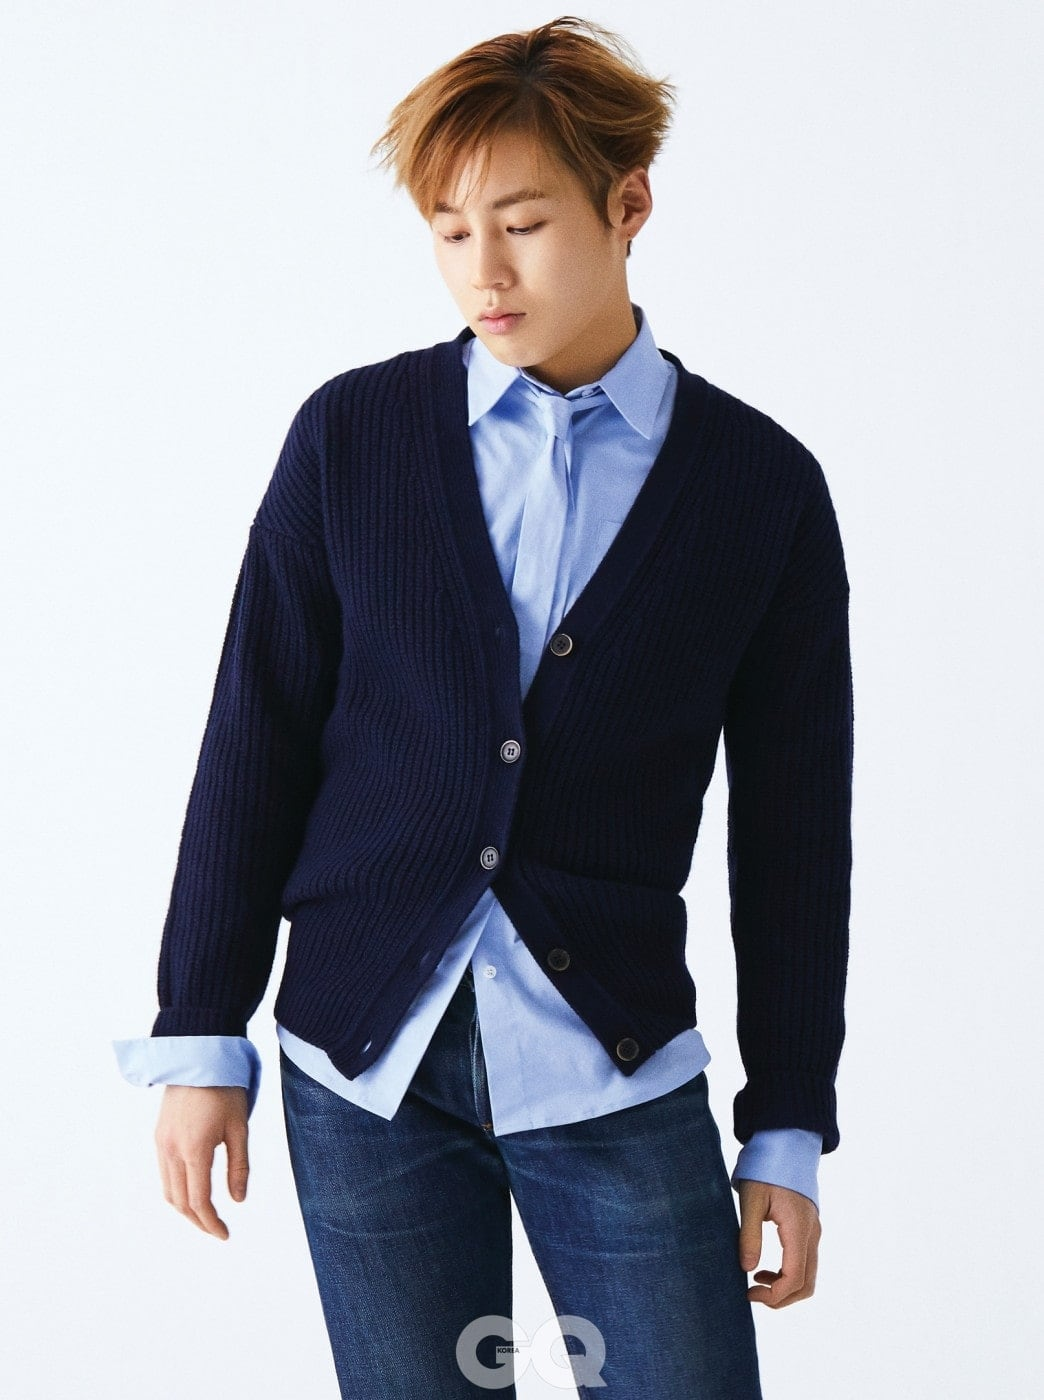 블루 타이 셔츠와 니트 카디건, 모두 MSGM. 진 팬츠는 빈티지 제품.